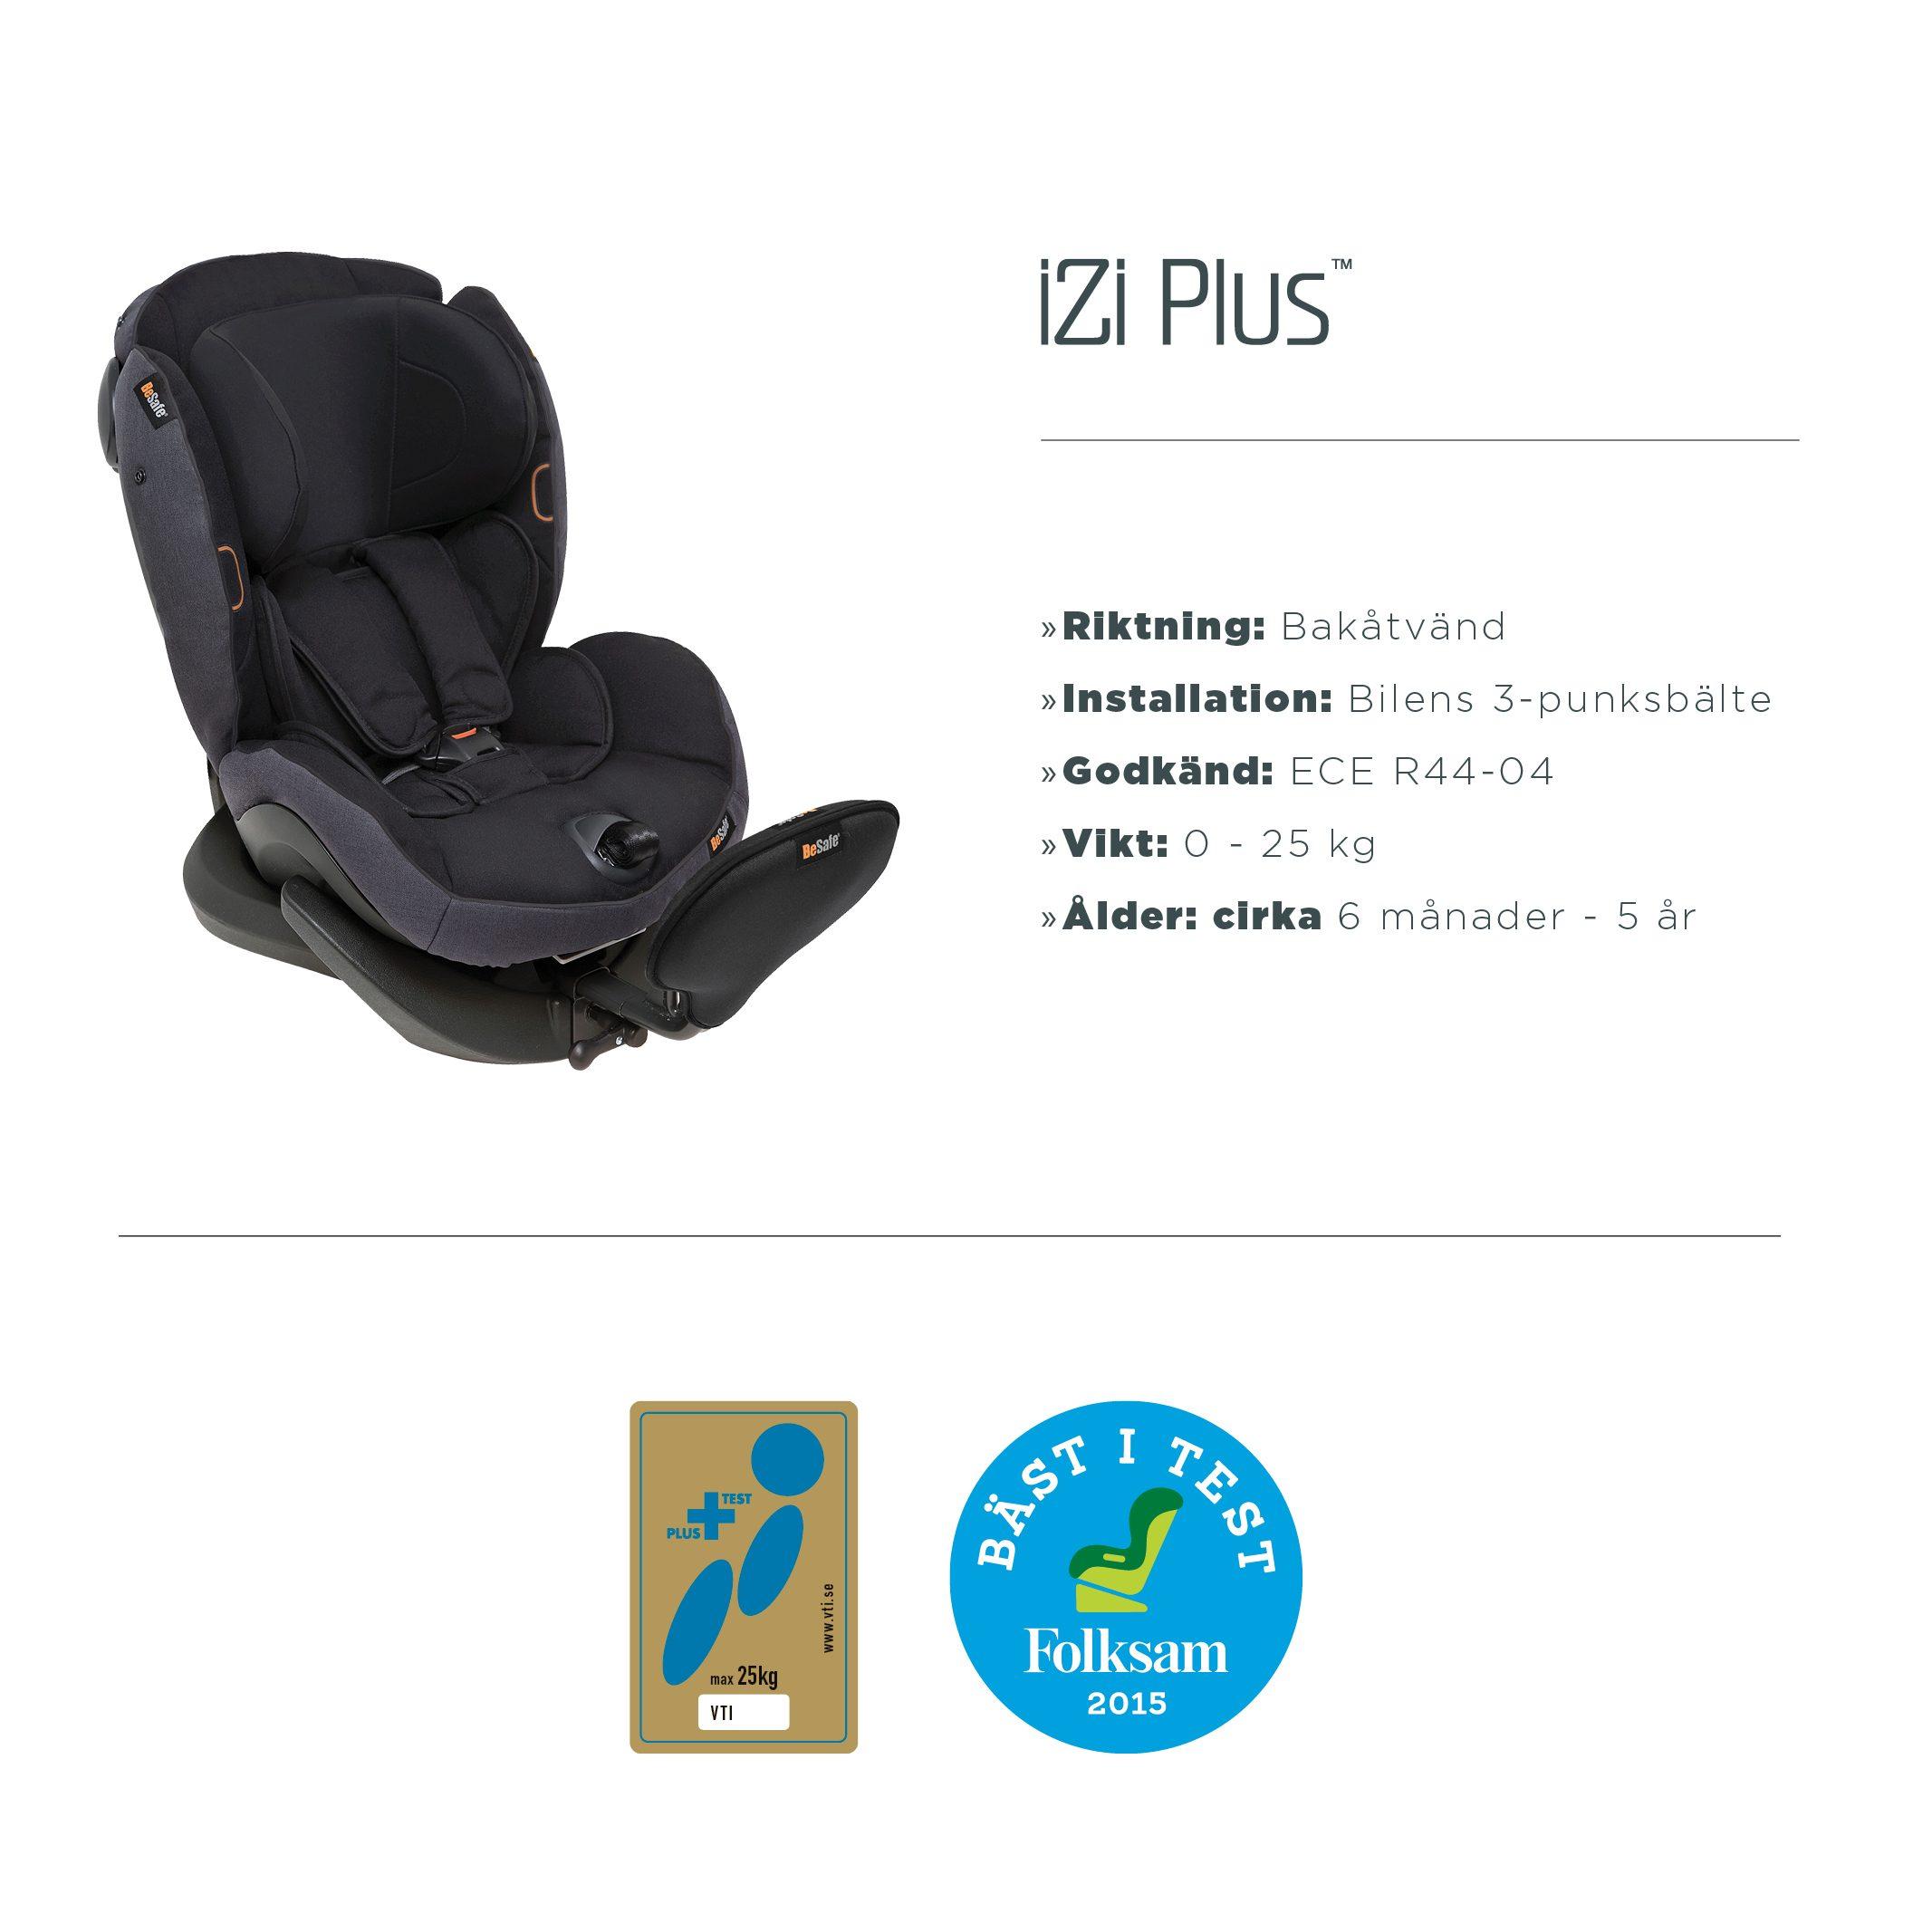 iZi Plus har inte blivit utvald till att testas av ADAC Stiftung  Warentestet då bilbarnstolen lanserades 2013. Dock är den testad och  godkänd av det svenska ... 1e159ac1d98e3